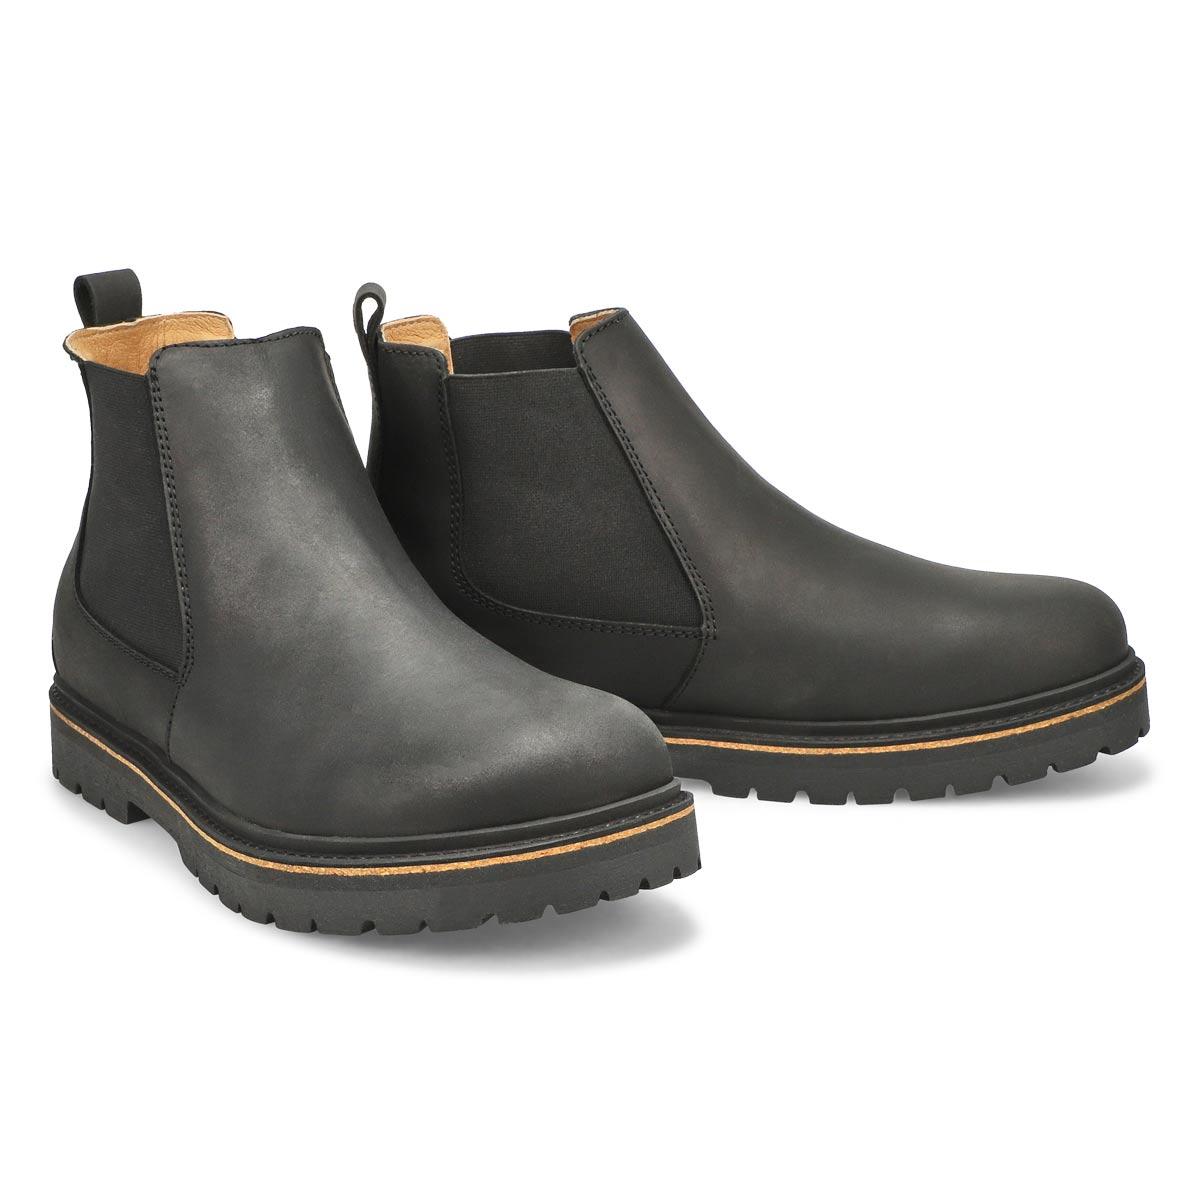 Men's Stalon Chelsea Boot - Black